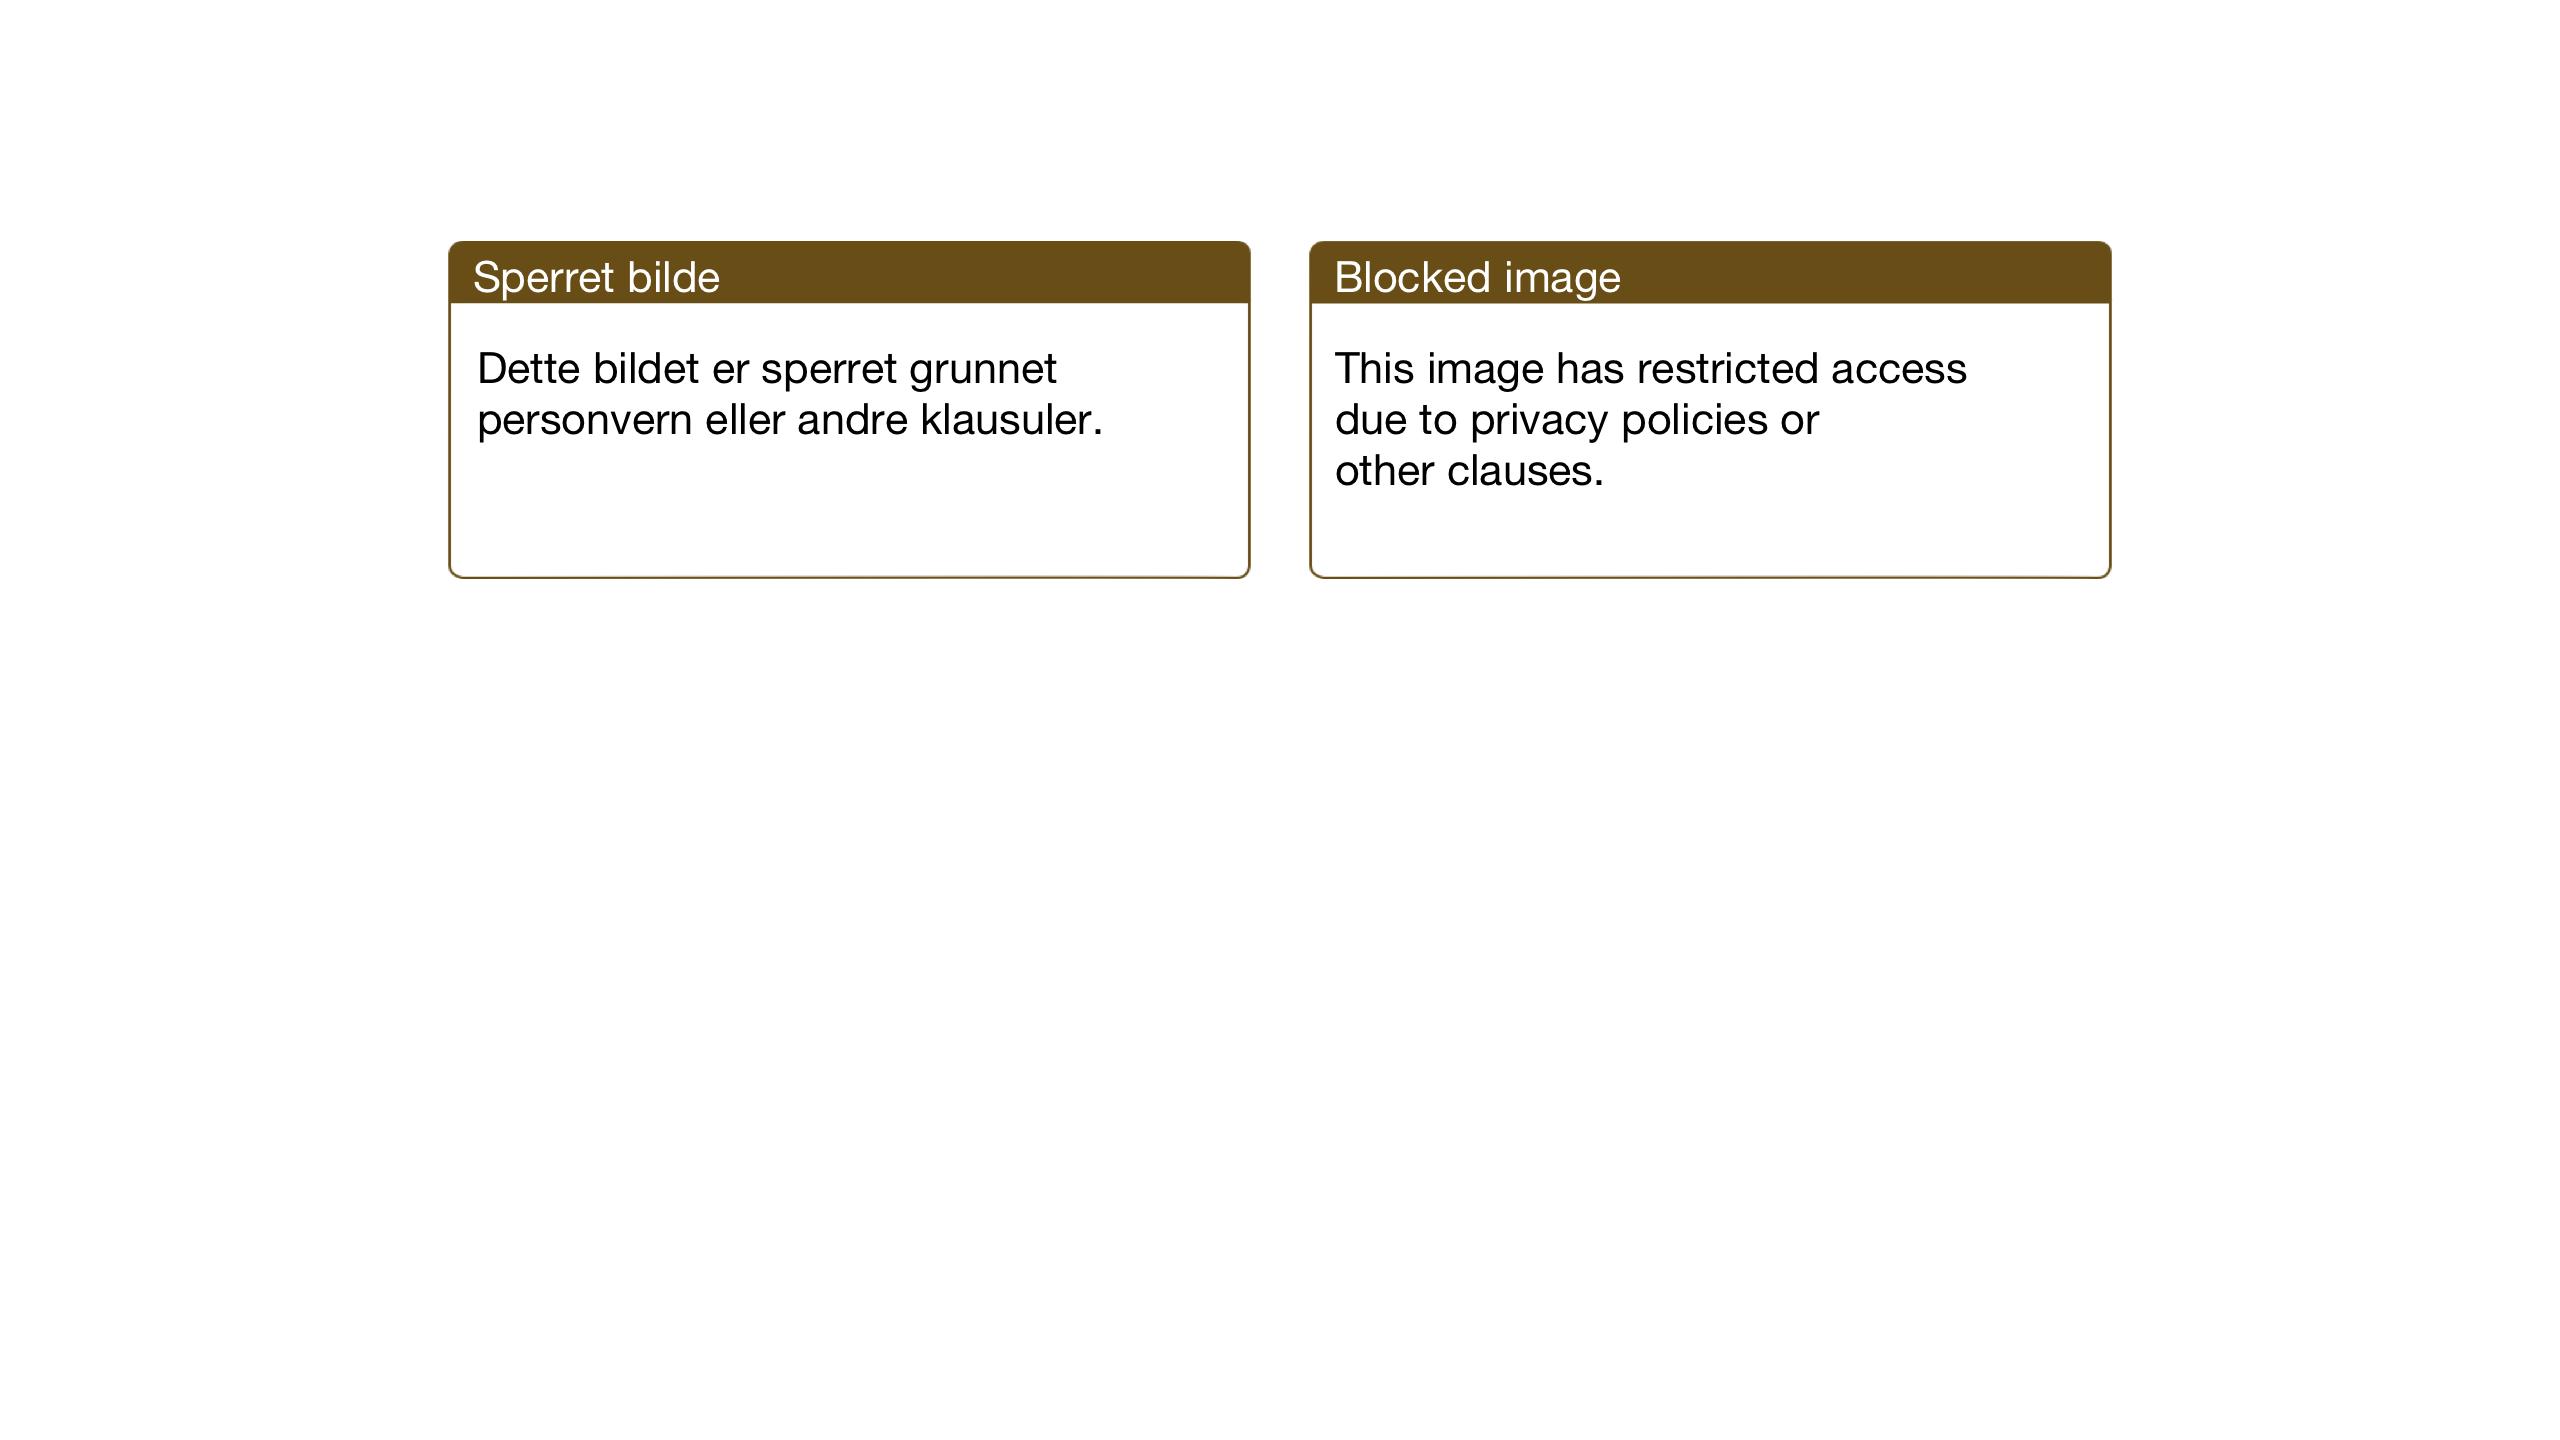 SAT, Ministerialprotokoller, klokkerbøker og fødselsregistre - Sør-Trøndelag, 611/L0357: Klokkerbok nr. 611C05, 1938-1942, s. 35